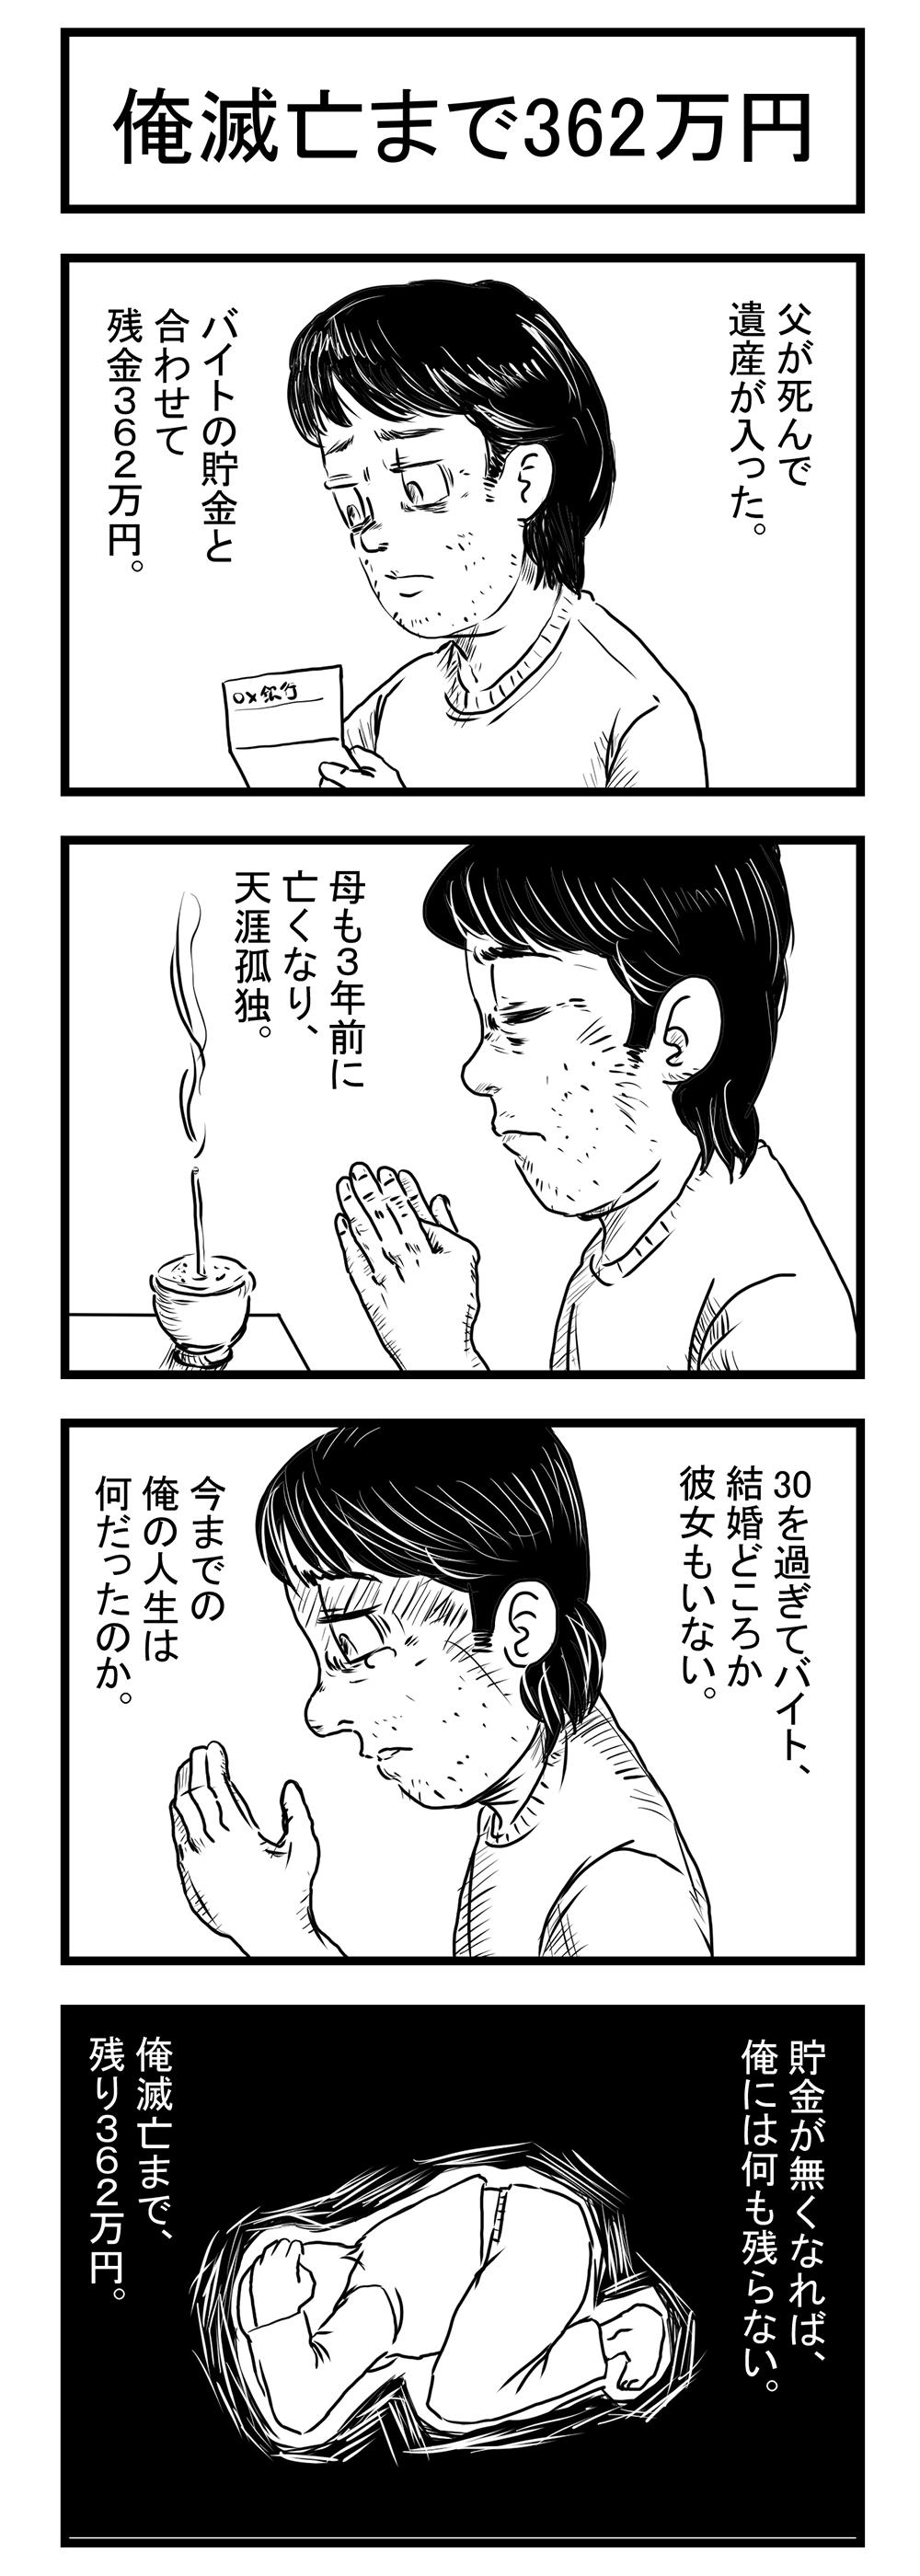 4コマ漫画「俺滅亡まで362万円」その1 (Raytrektabで描く漫画)#Raytrektab #4コマ漫画 #お金の話